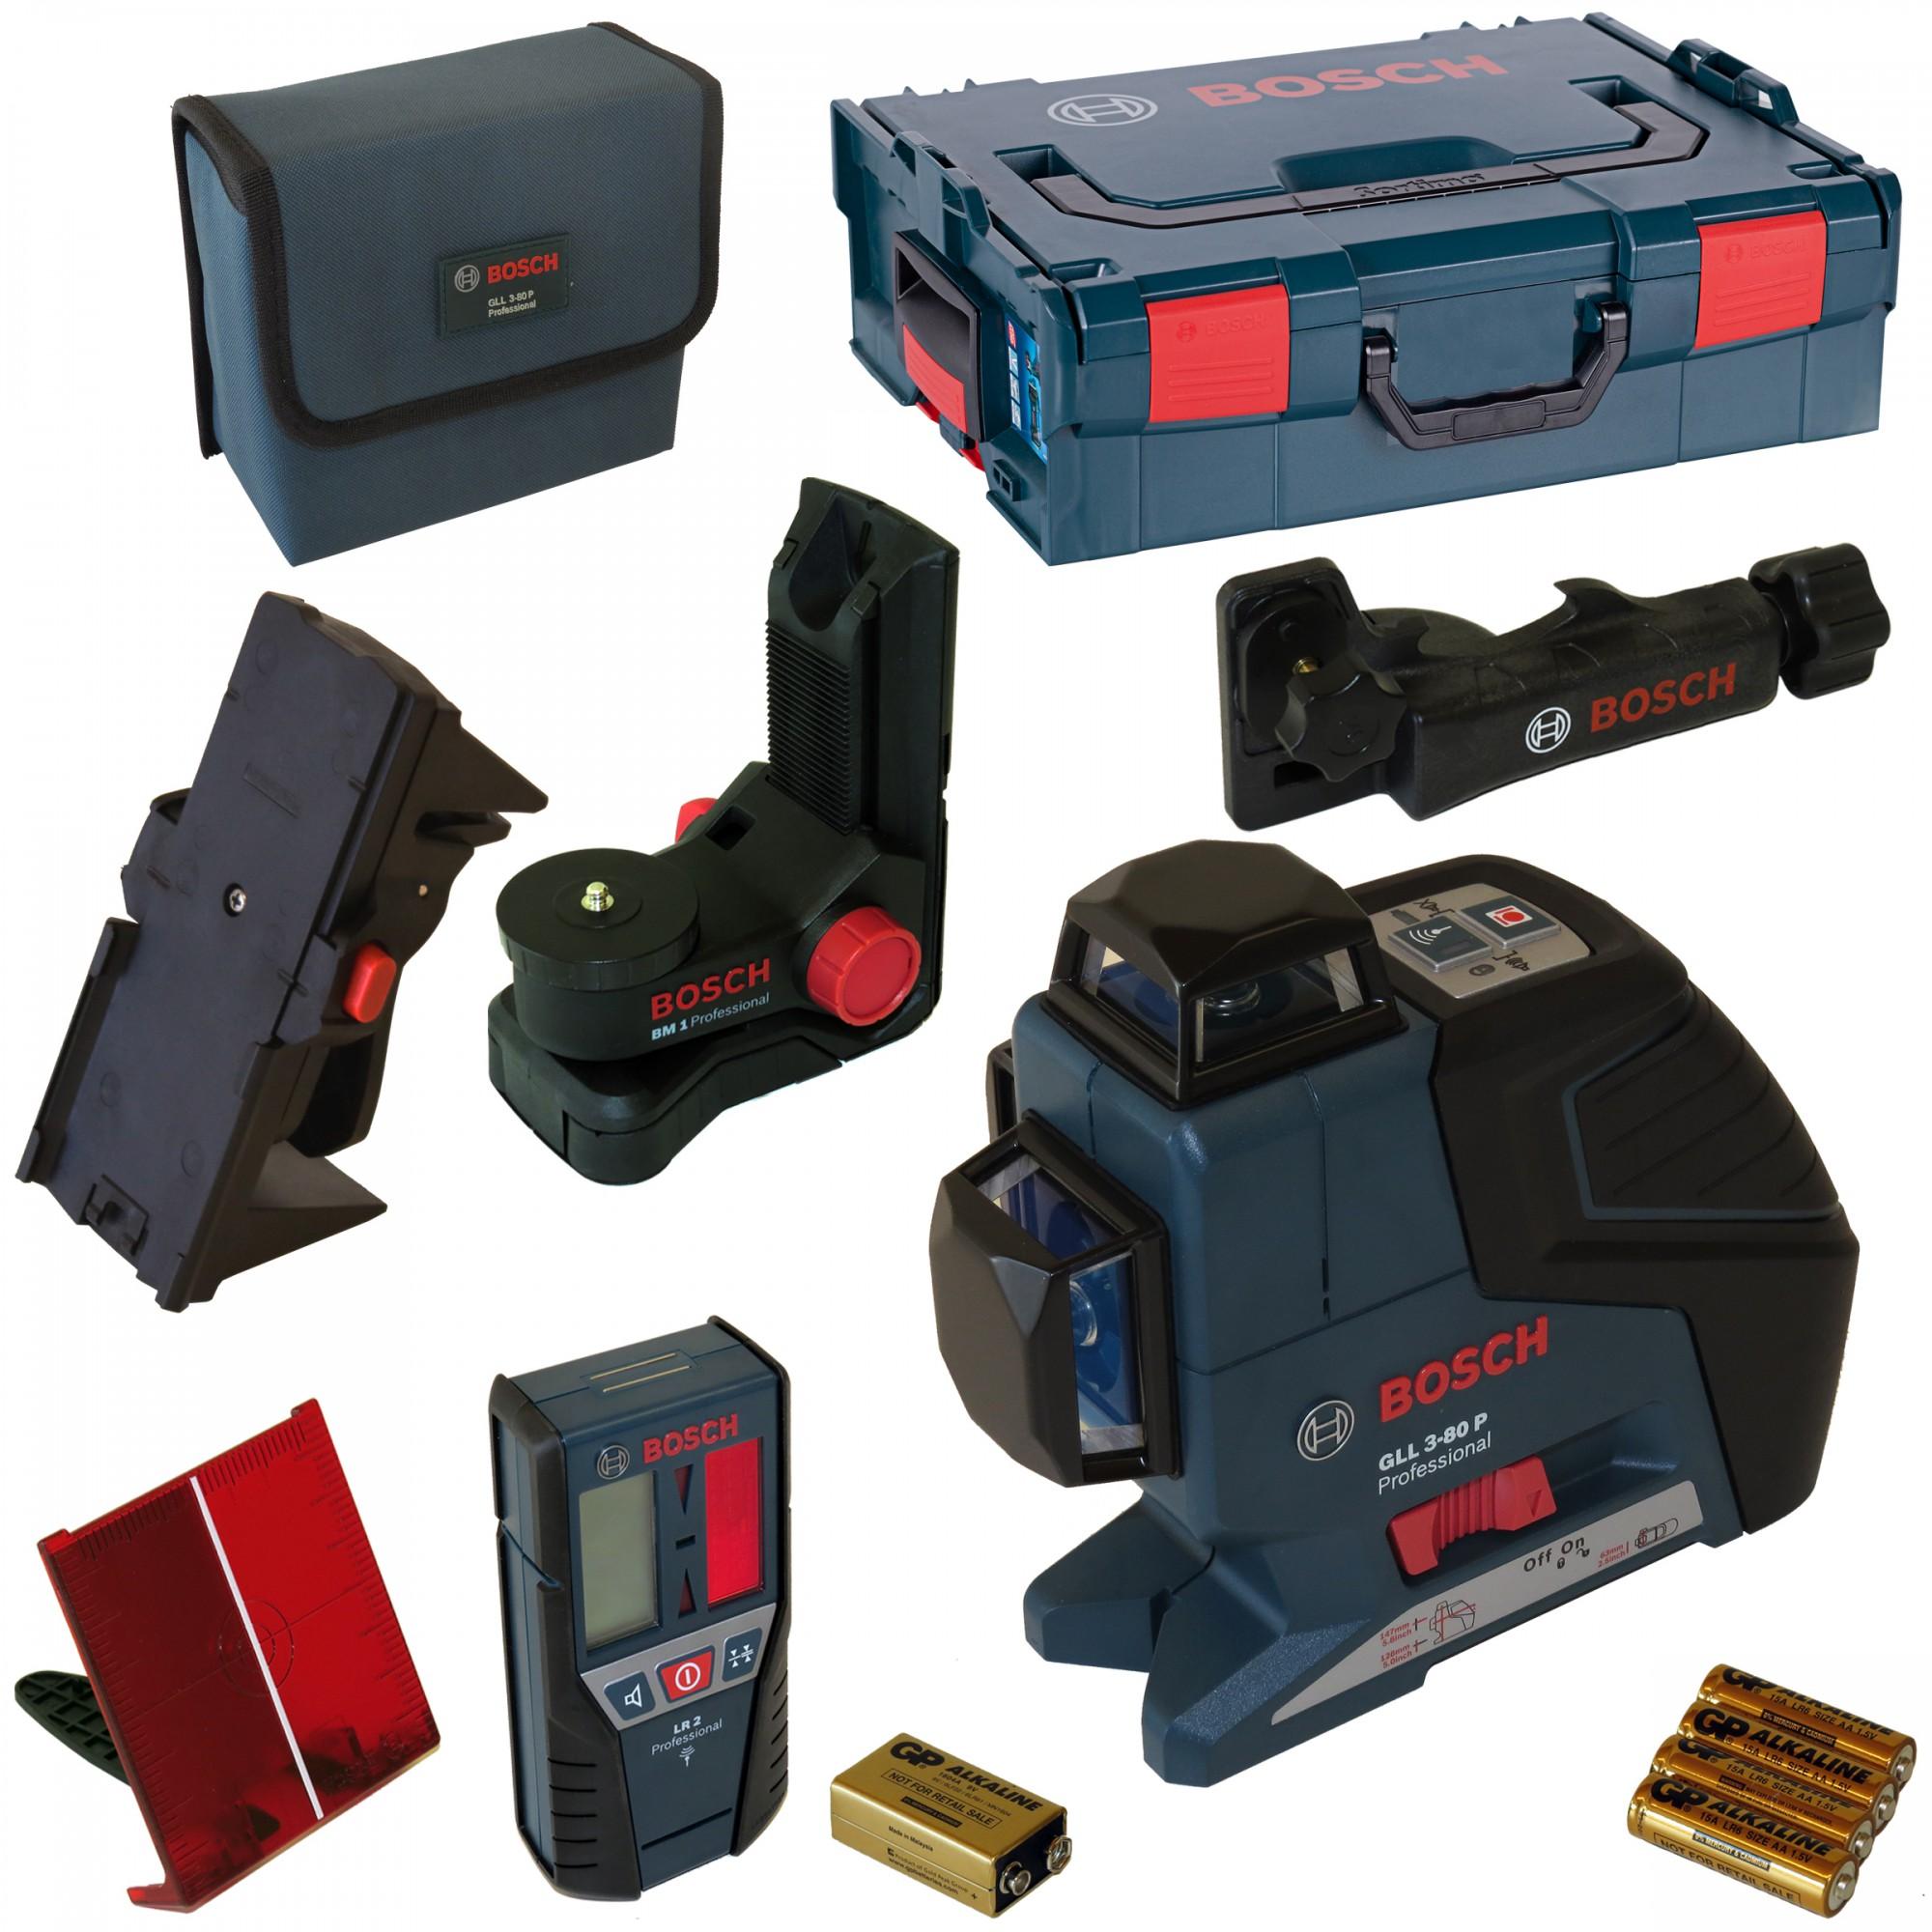 7f6483d11e616d GLL 3-80 P křížový laser + LR 2 laserový přijímač + BM 1 držák + 1608M0080N  svorka k držáku + kufr L-Boxx, 060106330A Bosch